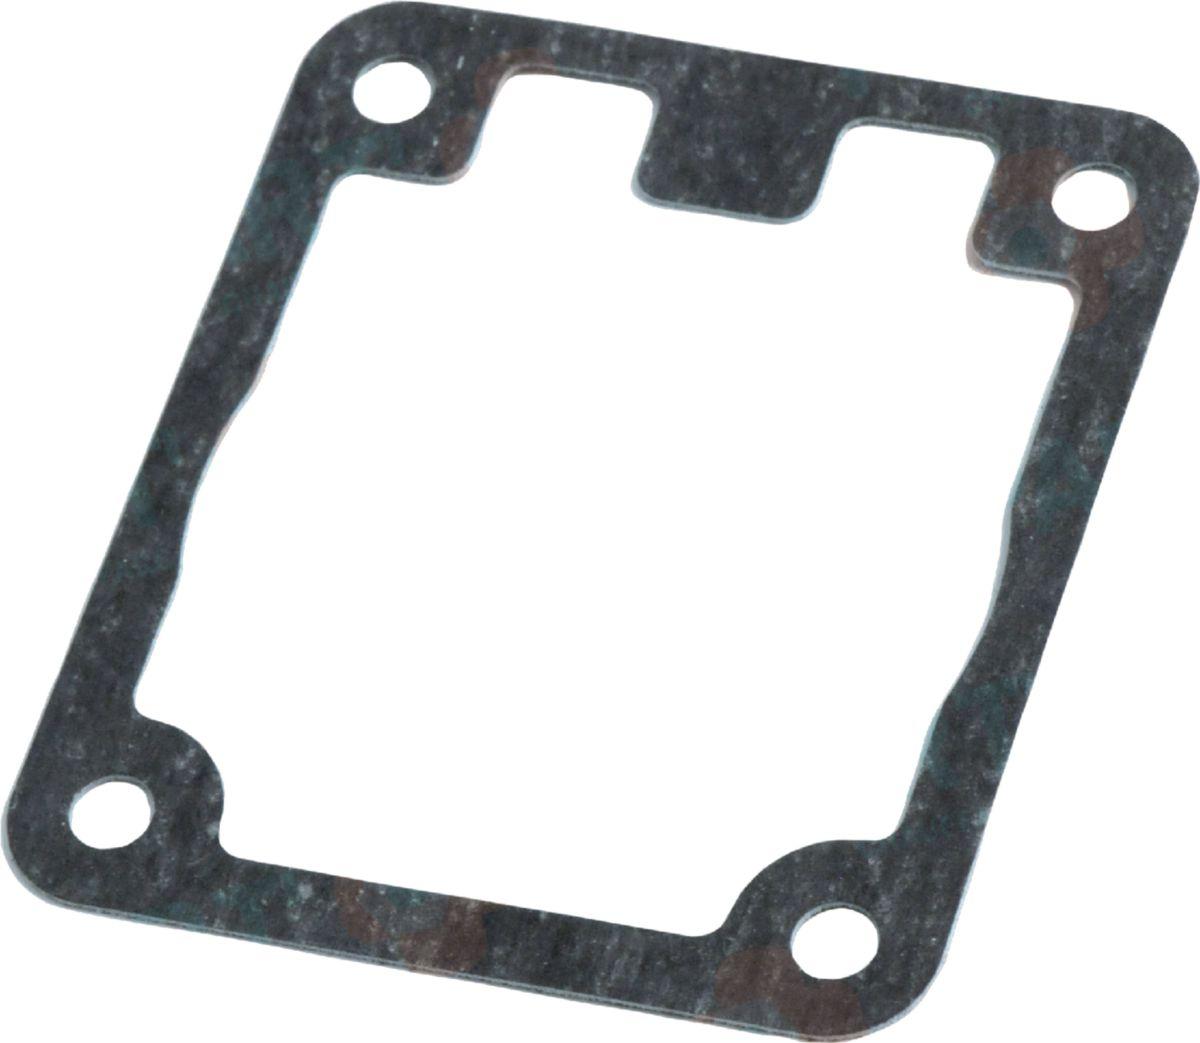 Joint pour couvercle AREV 1/2/3/5 (ex réf S50035616) pour série AN AS AE Réf 991523